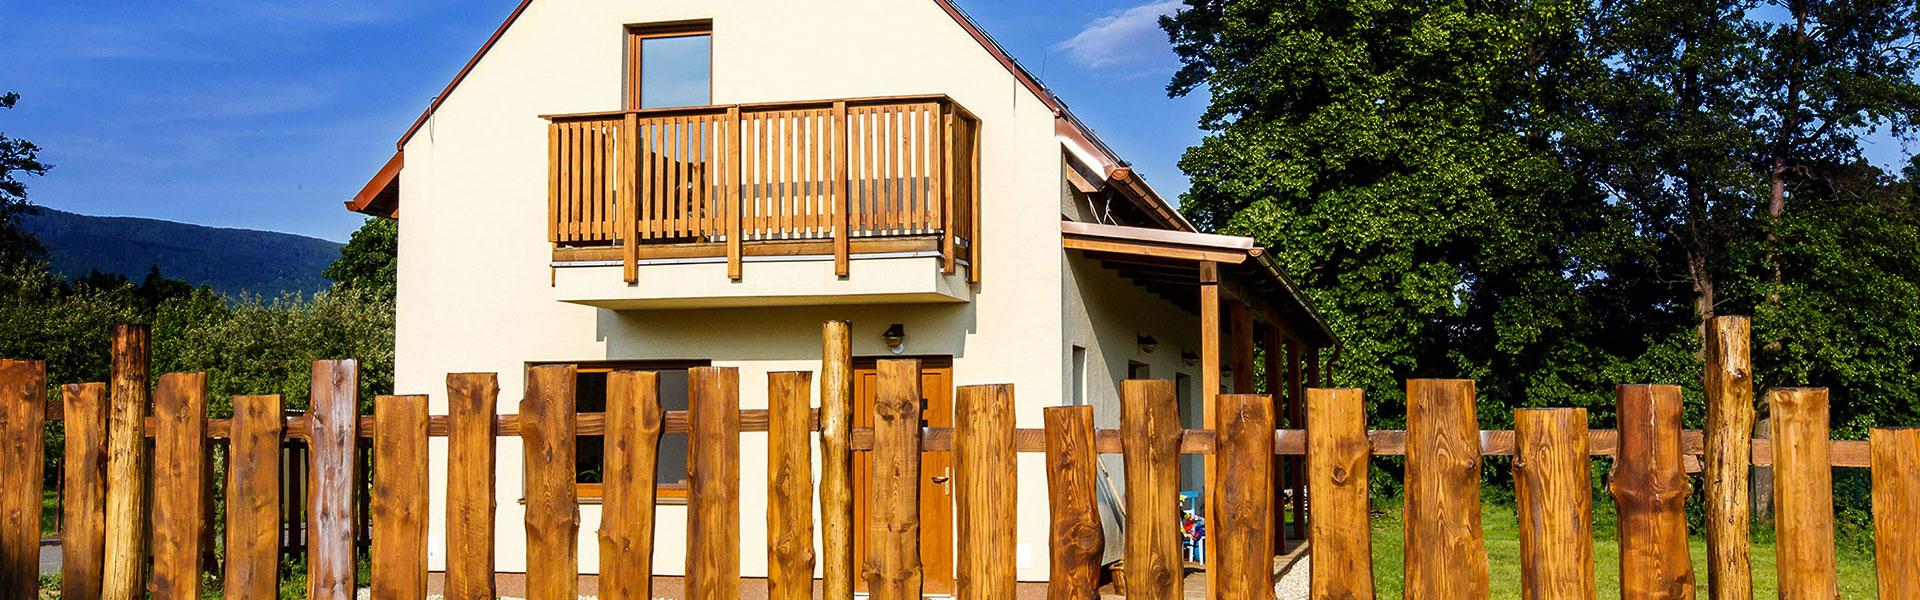 Drevené domy v klasickom aj modernom štýle